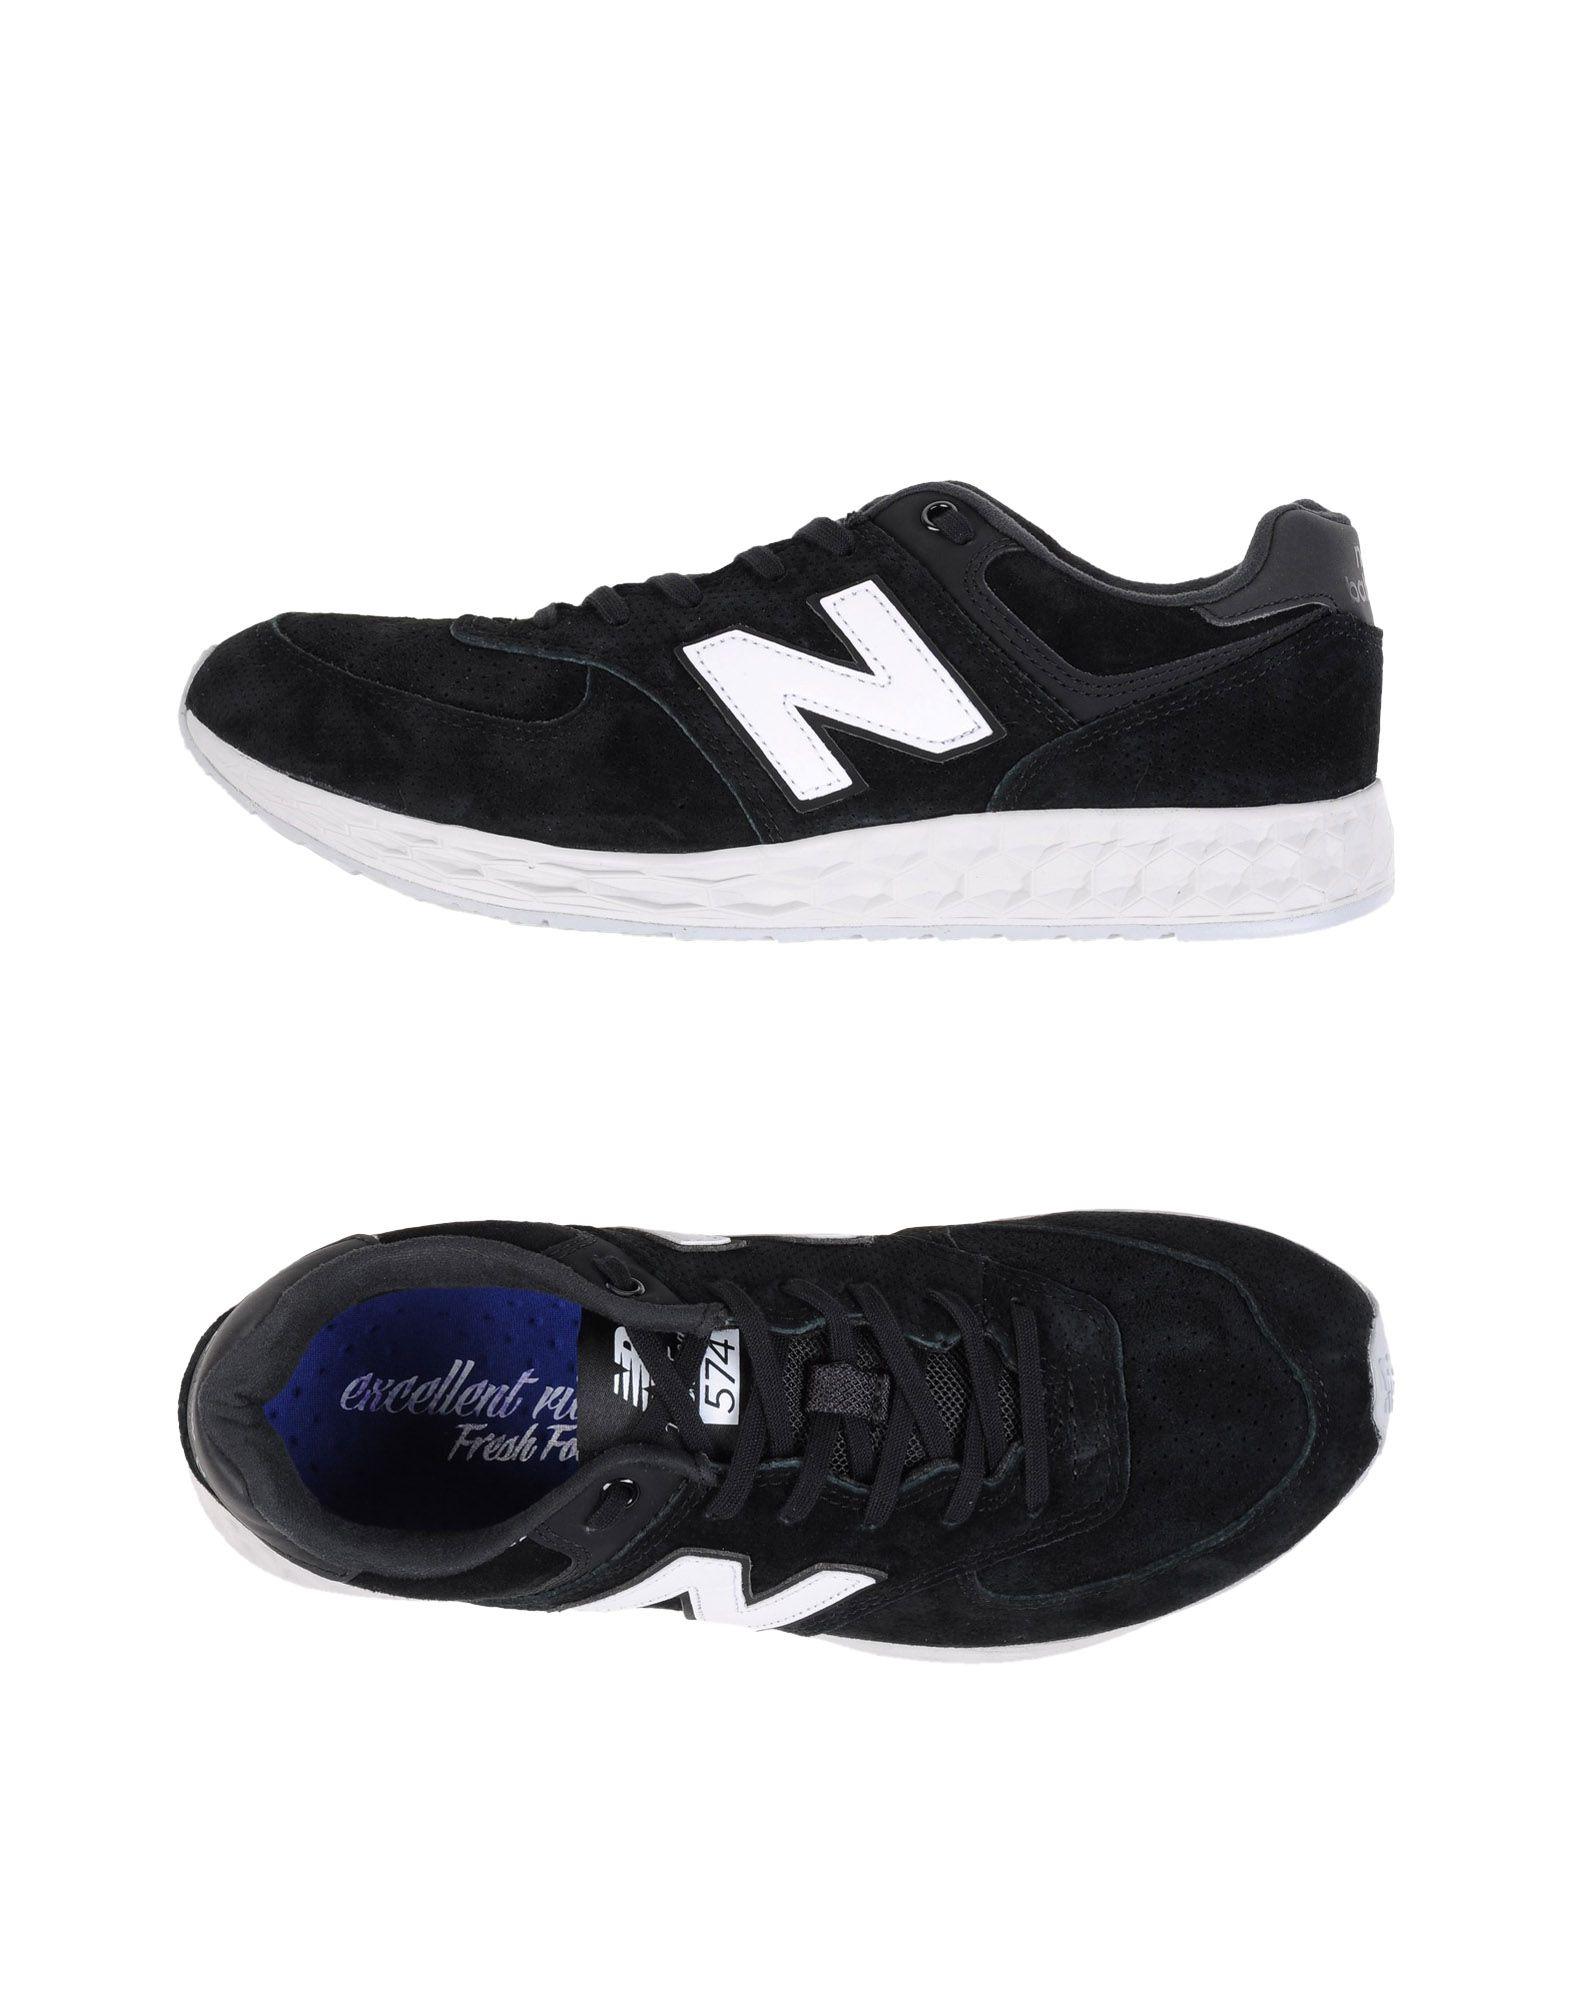 Rabatt echte Schuhe New Balance 574 11104606MN Fresh Foam Pigskin  11104606MN 574 033e55